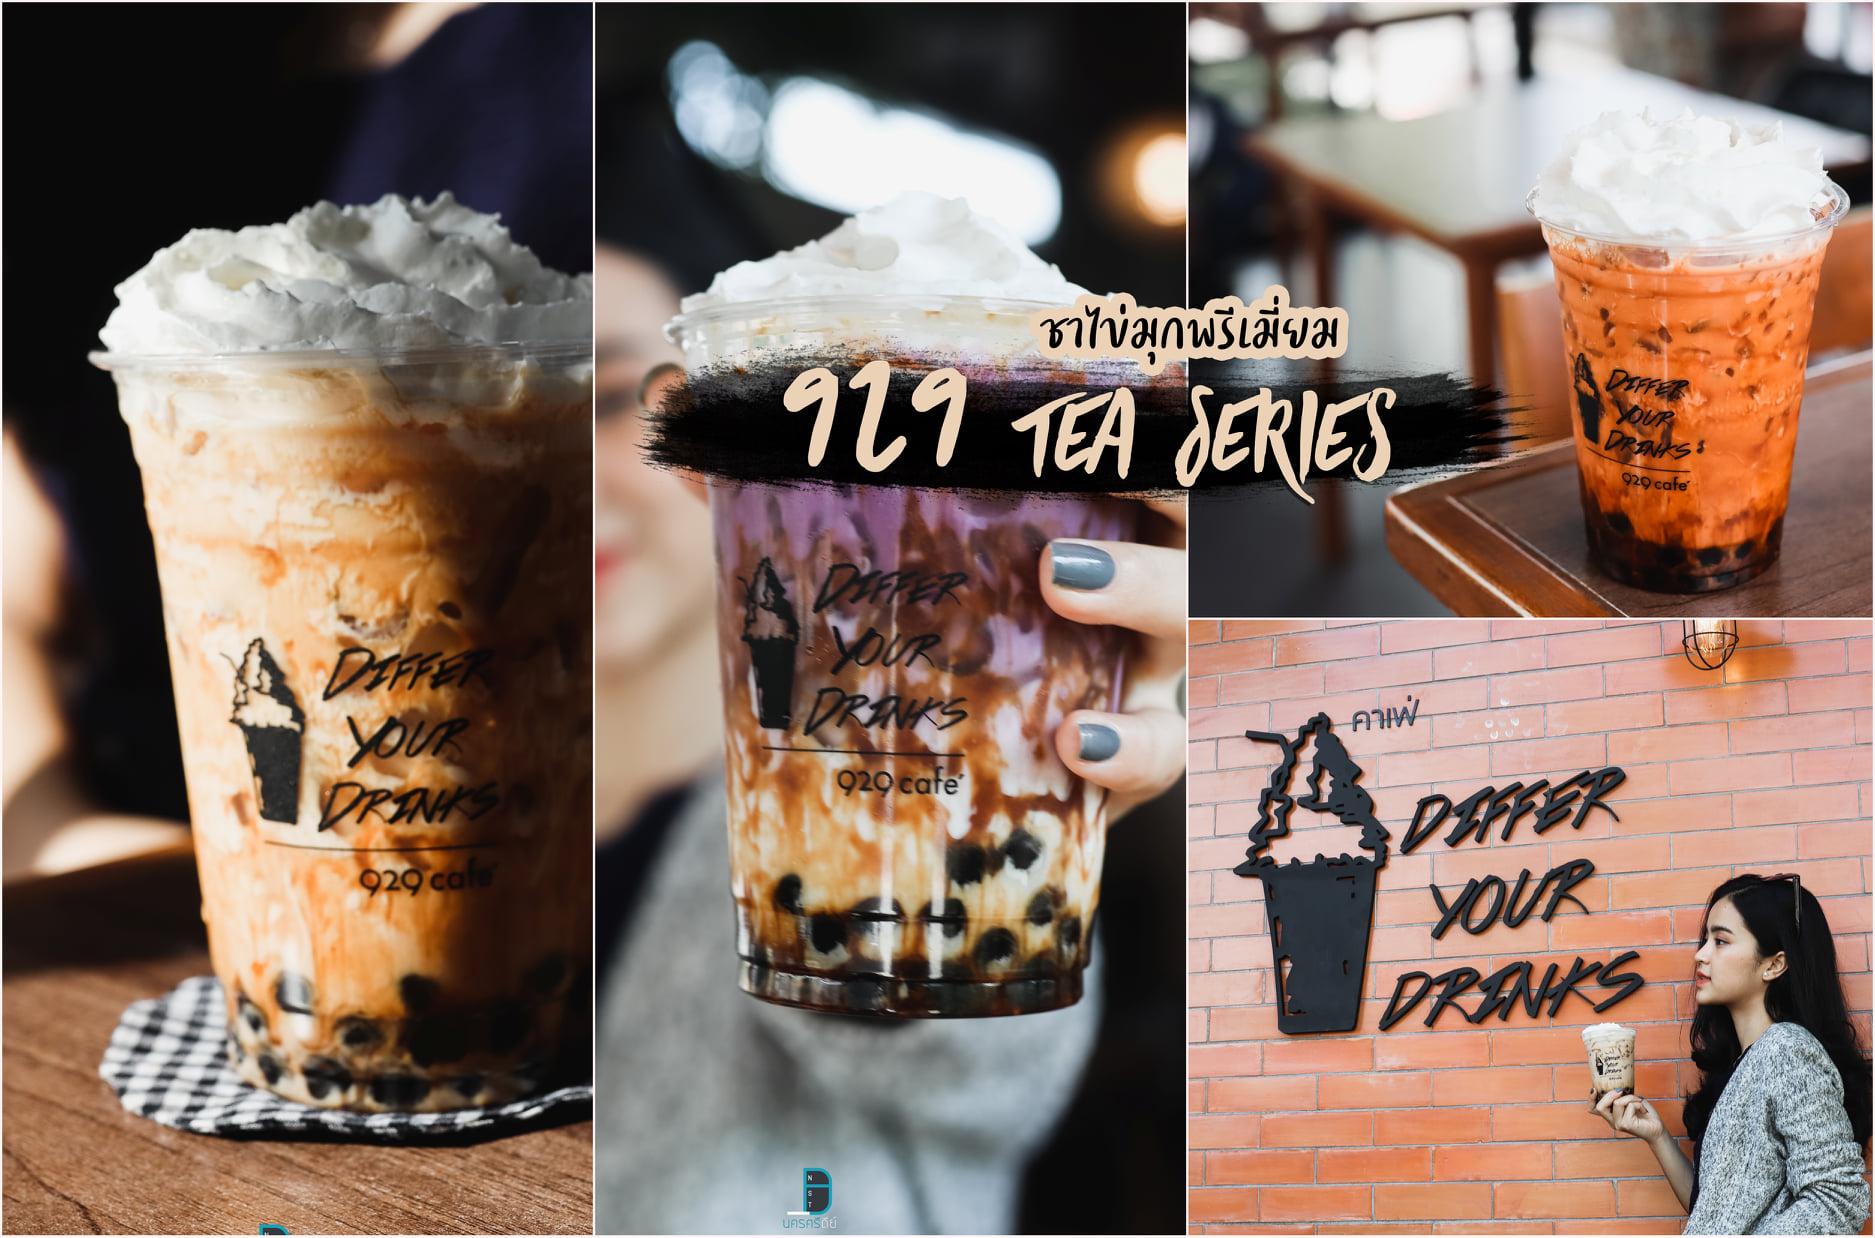 929 Cafe Tea Series ชาไข่มุกสุดพรีเมี่ยมอร่อยเด็ด นครศรีธรรมราช